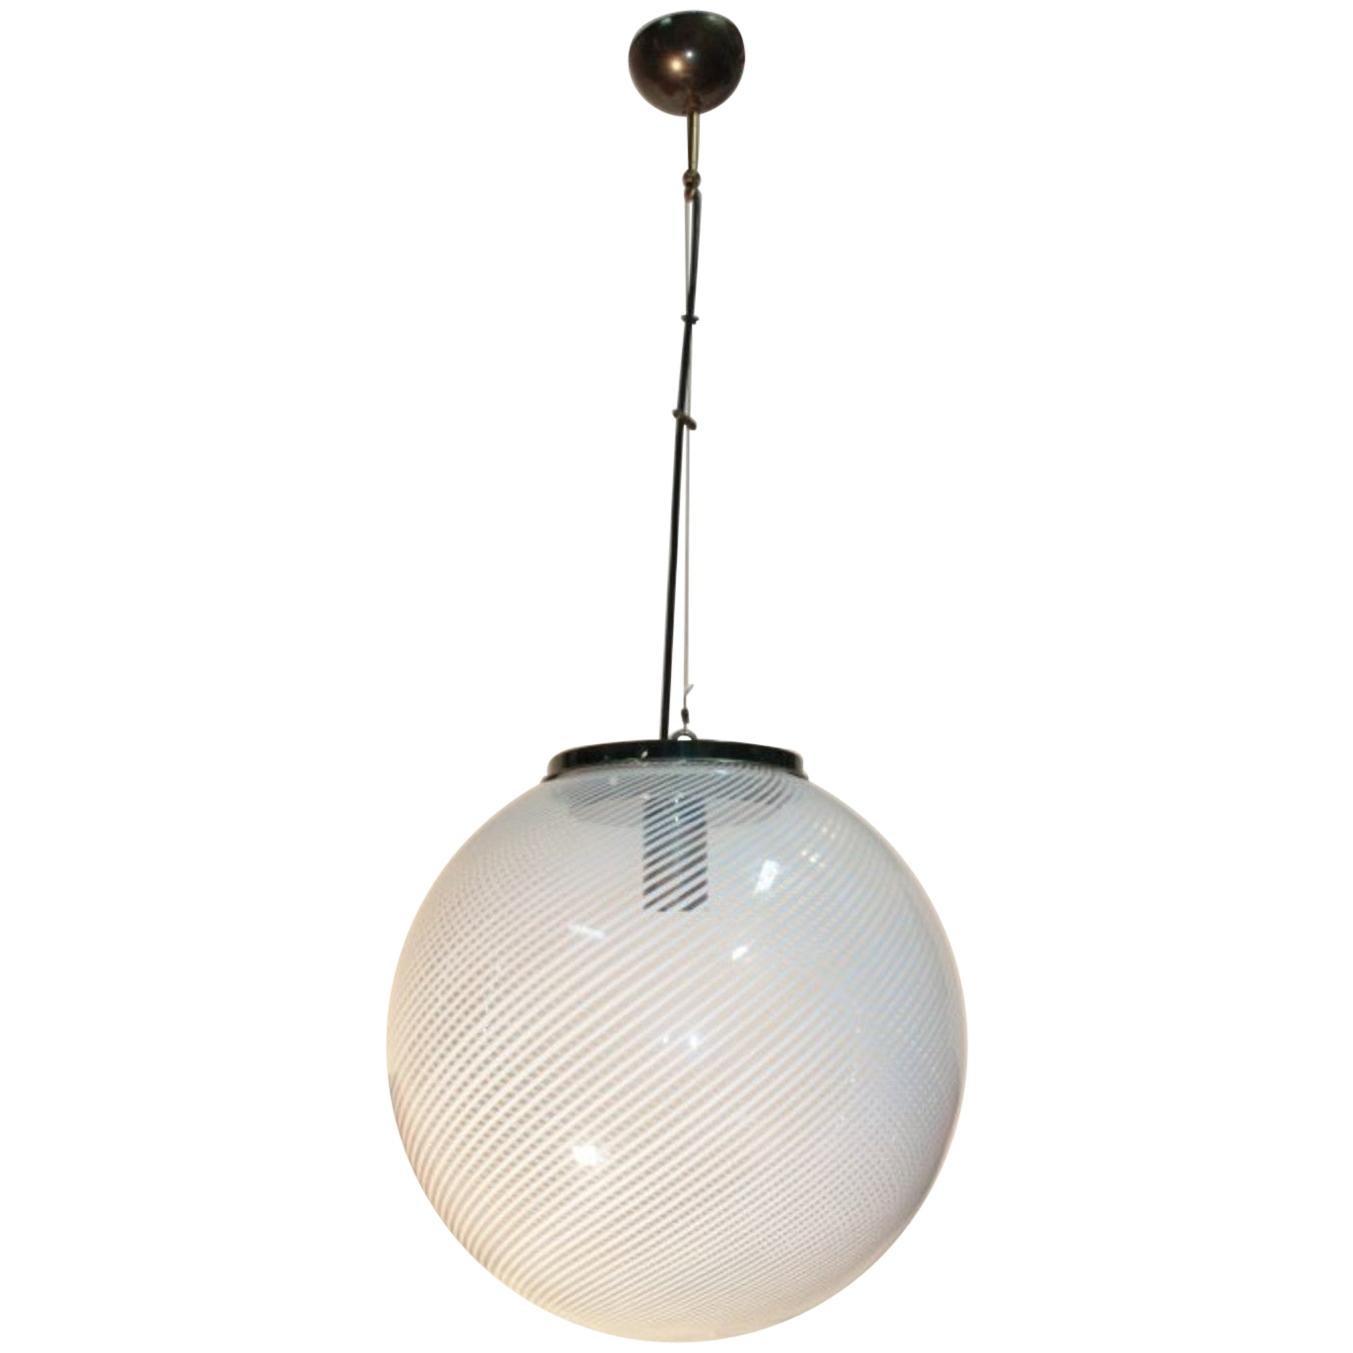 Venini Pendant 1960s Murano Glass